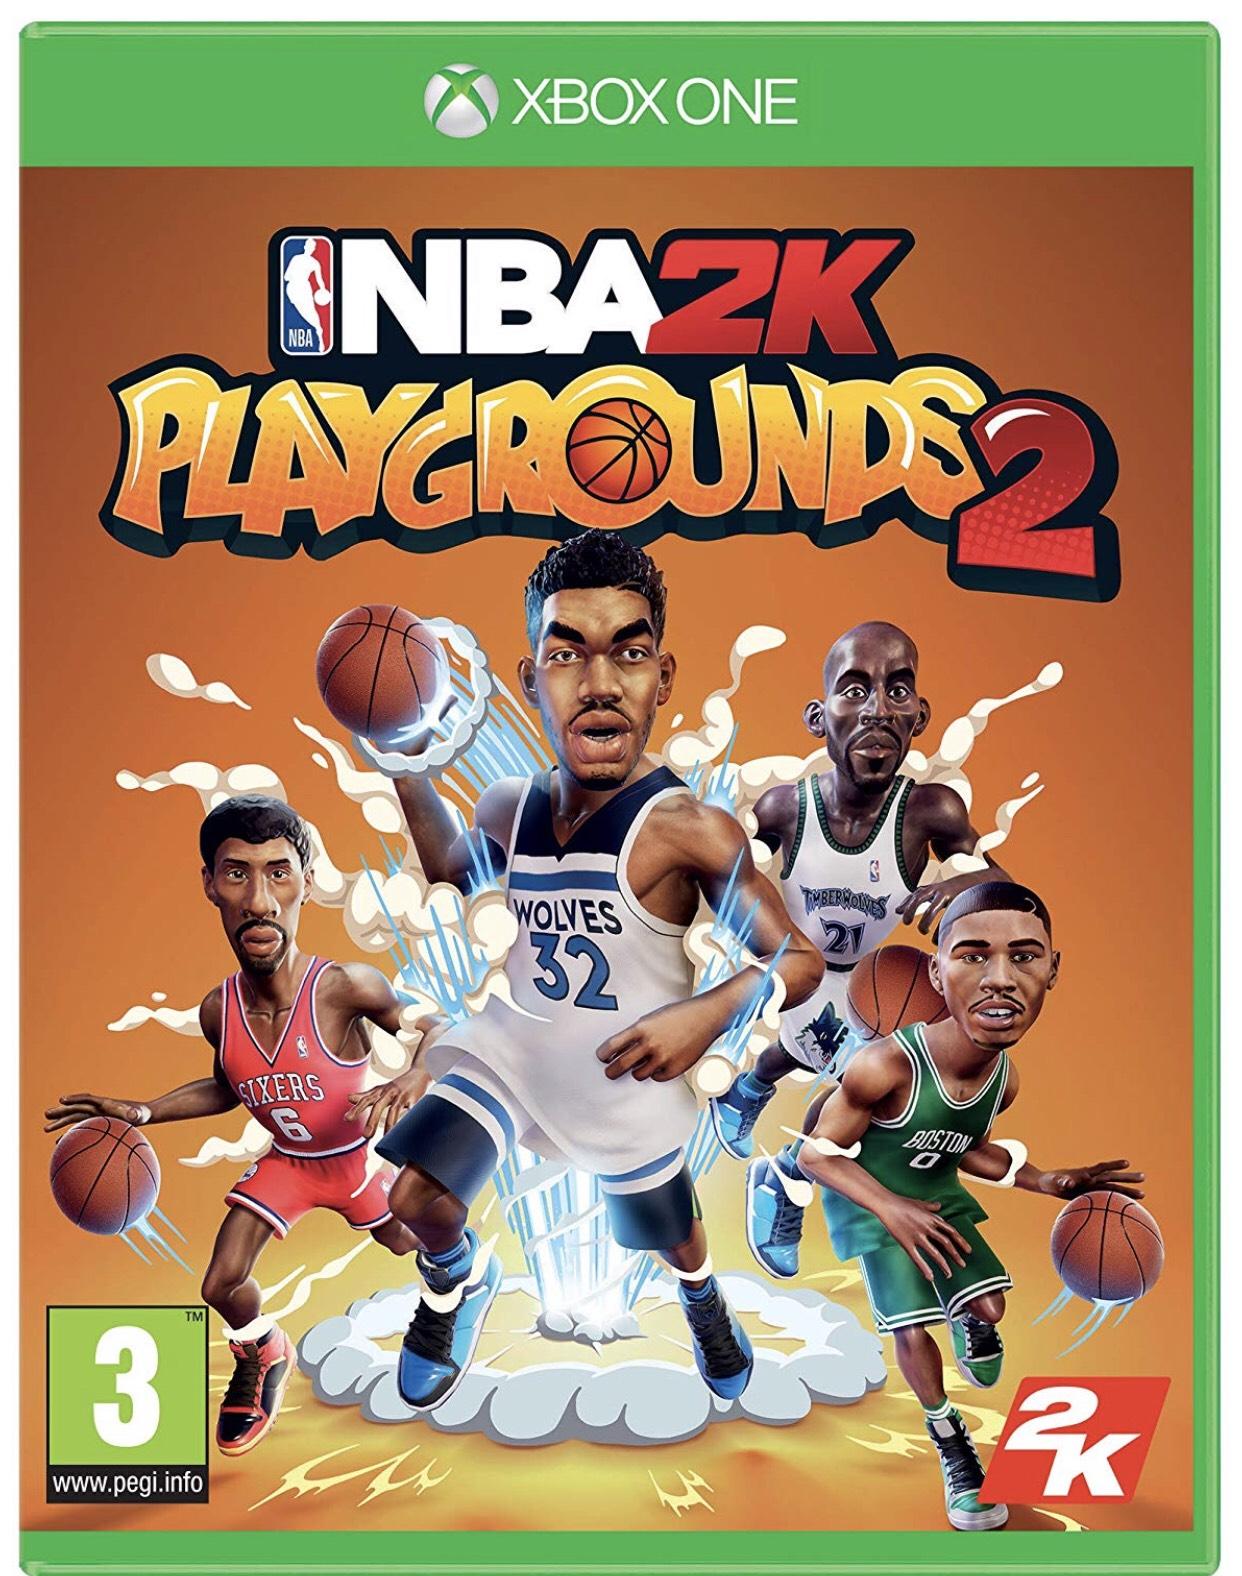 NBA 2K Playgrounds 2 (Xbox One) @ Amazon - £8.99 Prime (+£2.99 P&P non-Prime)